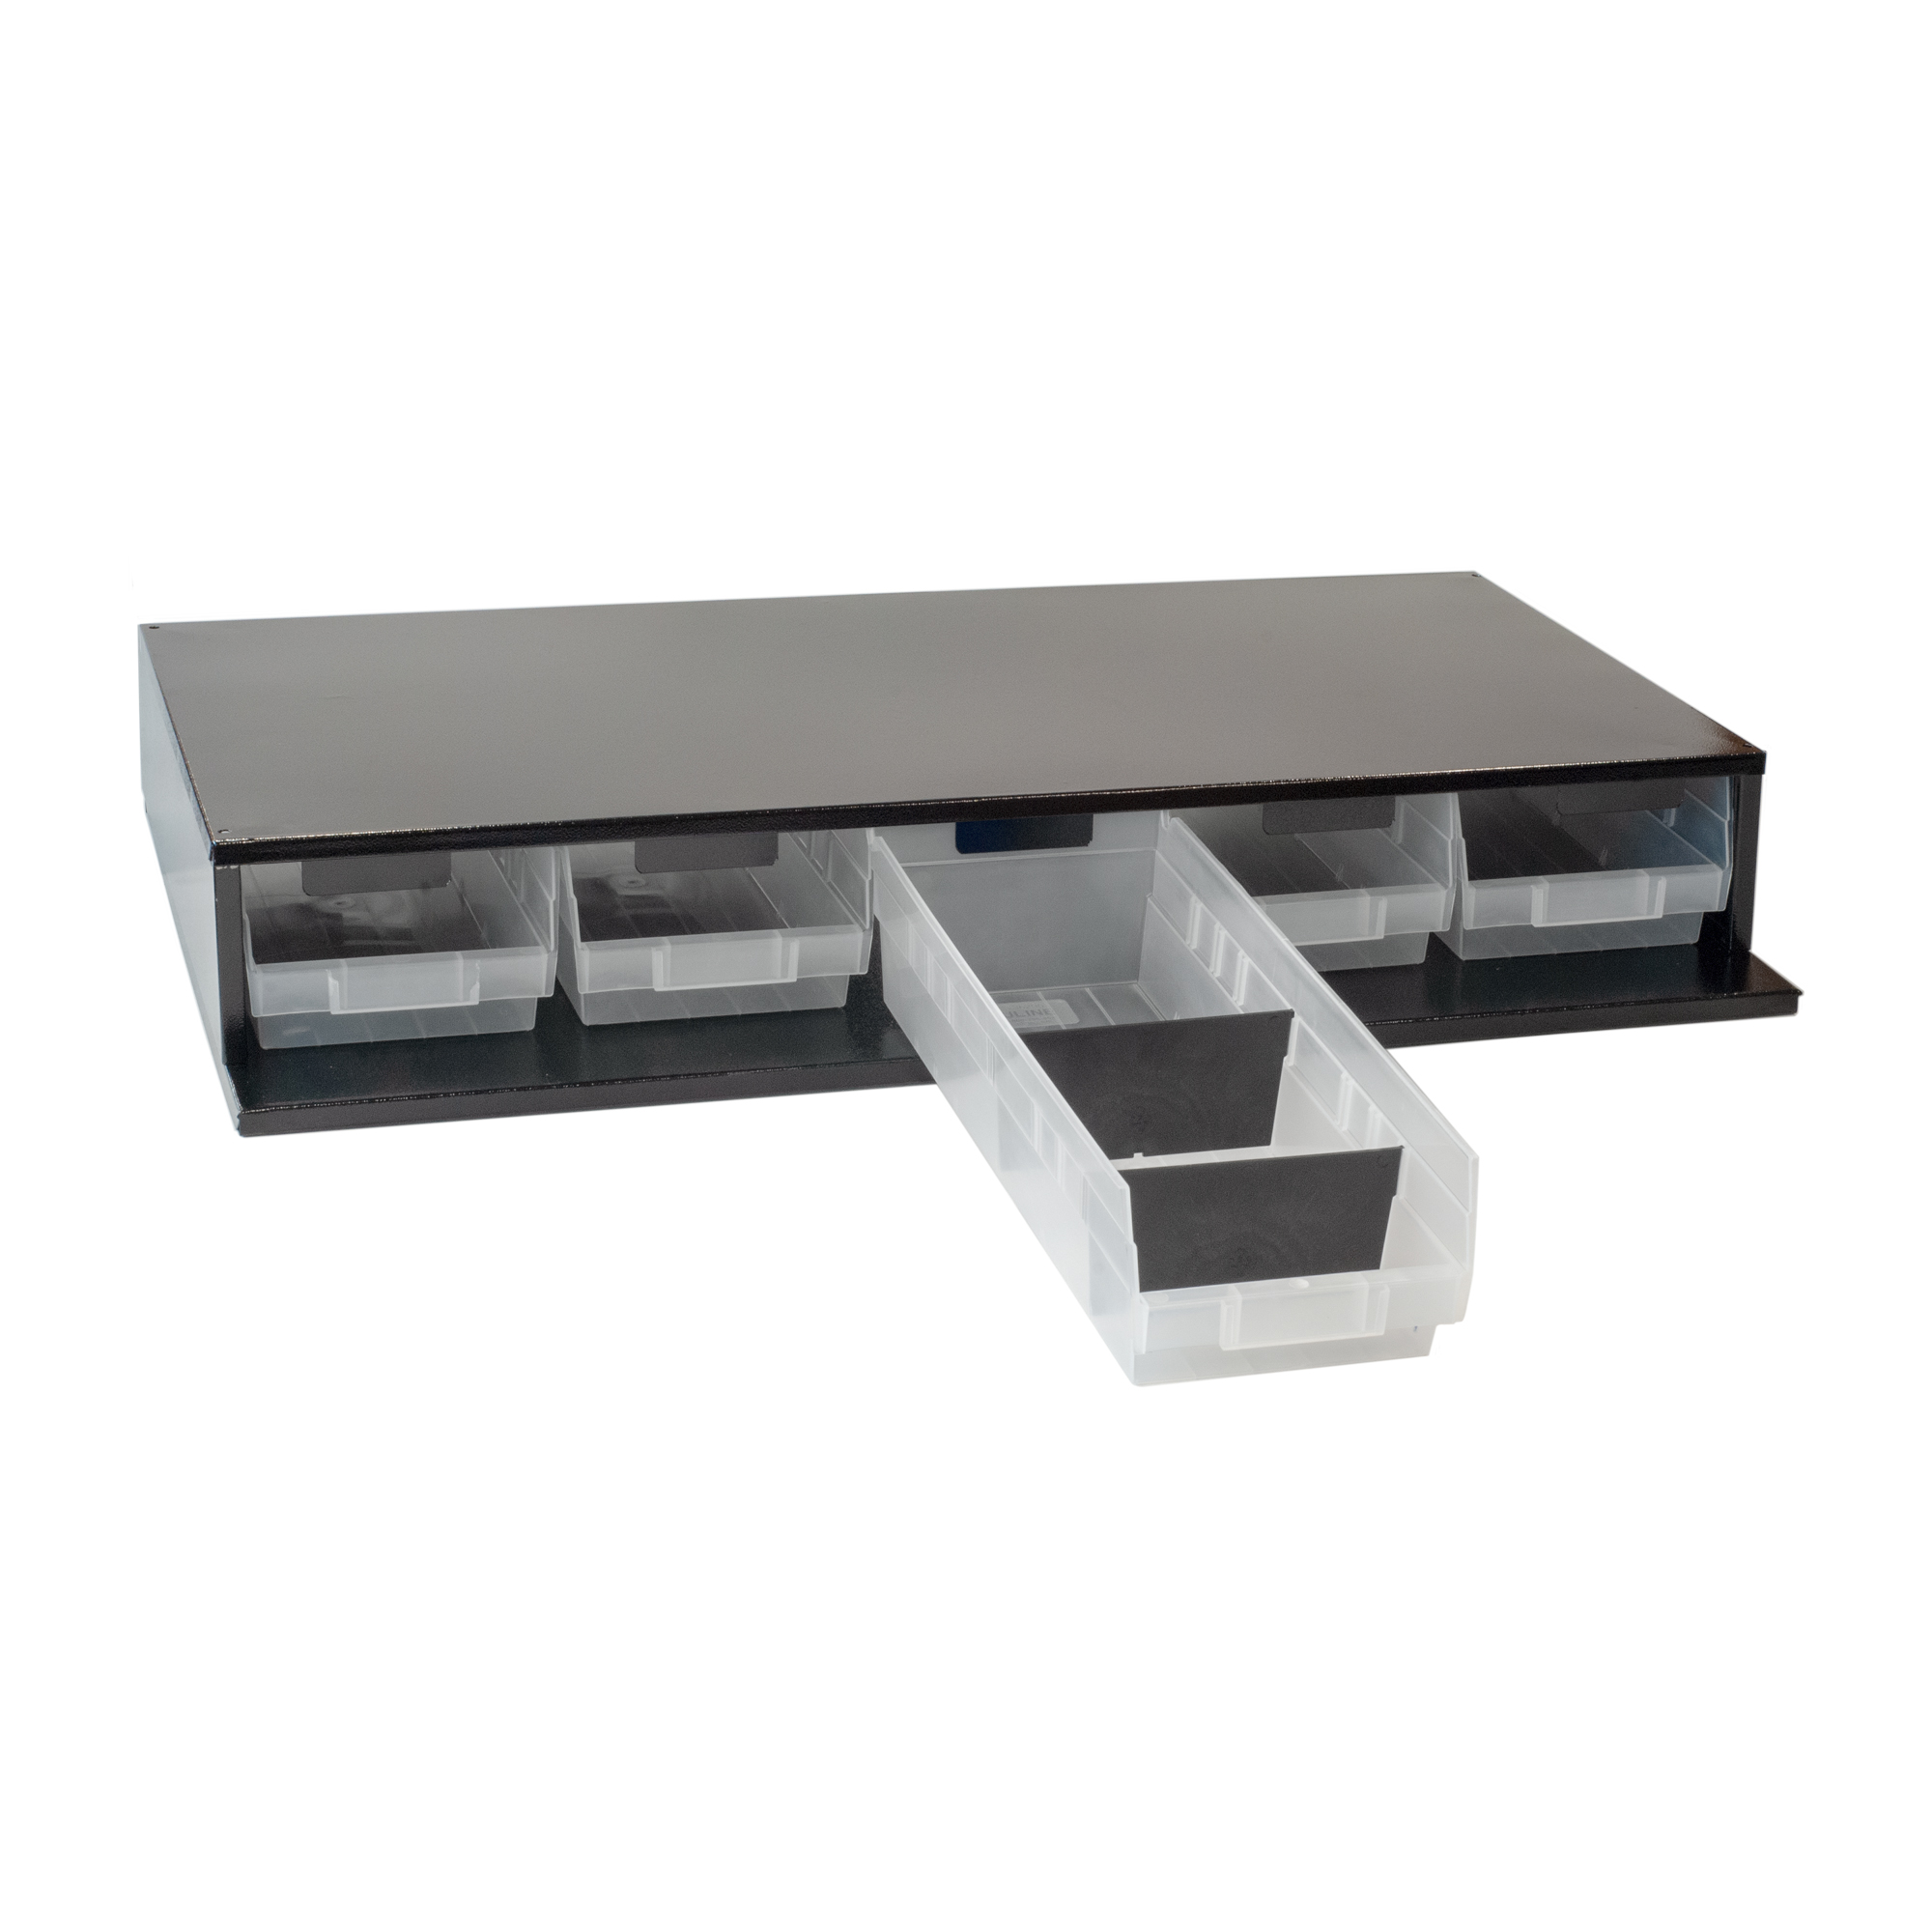 Craftline Storage System | Made In USA | Large Modular Stackable Bin Cabinet | PL-LG5BIN